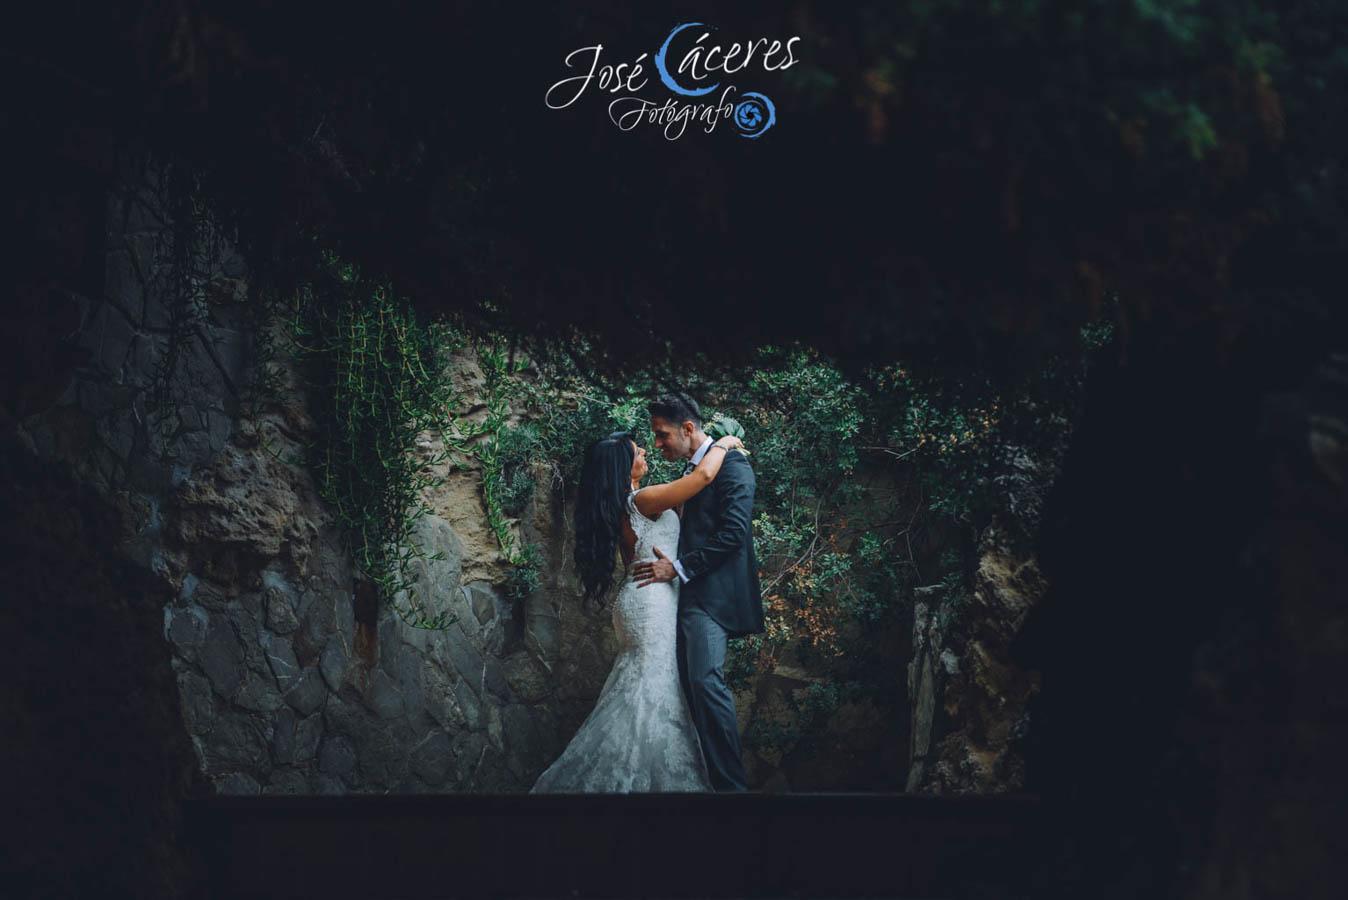 Sesion fotografica de jose caceres fotografia, post boda leticia y jose luis, playas-16